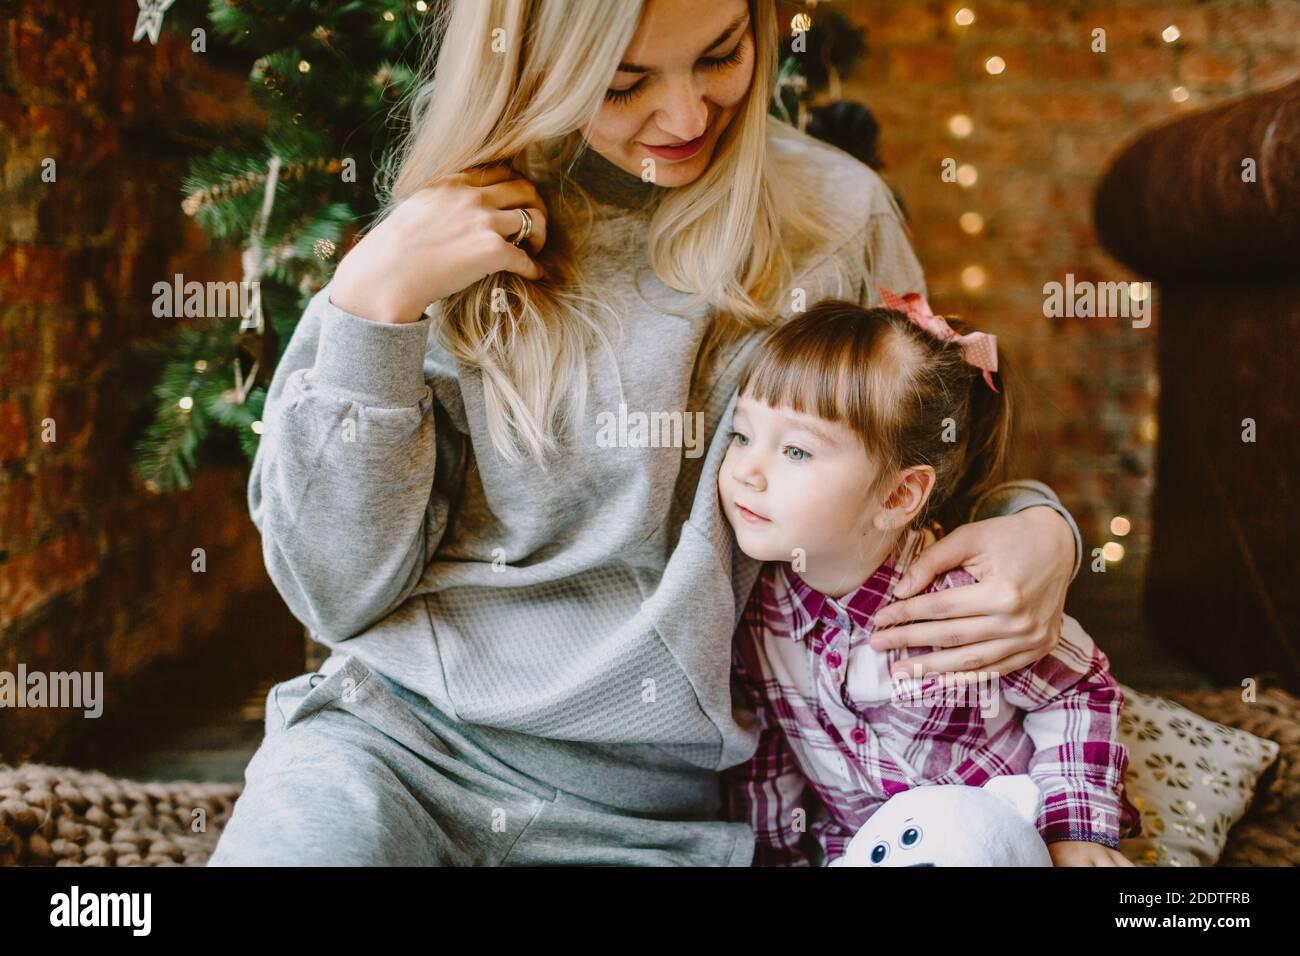 23. November 2020. Anapa, Russland. Yong Mädchen mit Mutter im Weihnachtsraum. Urlaub Winterzeit. Stockfoto